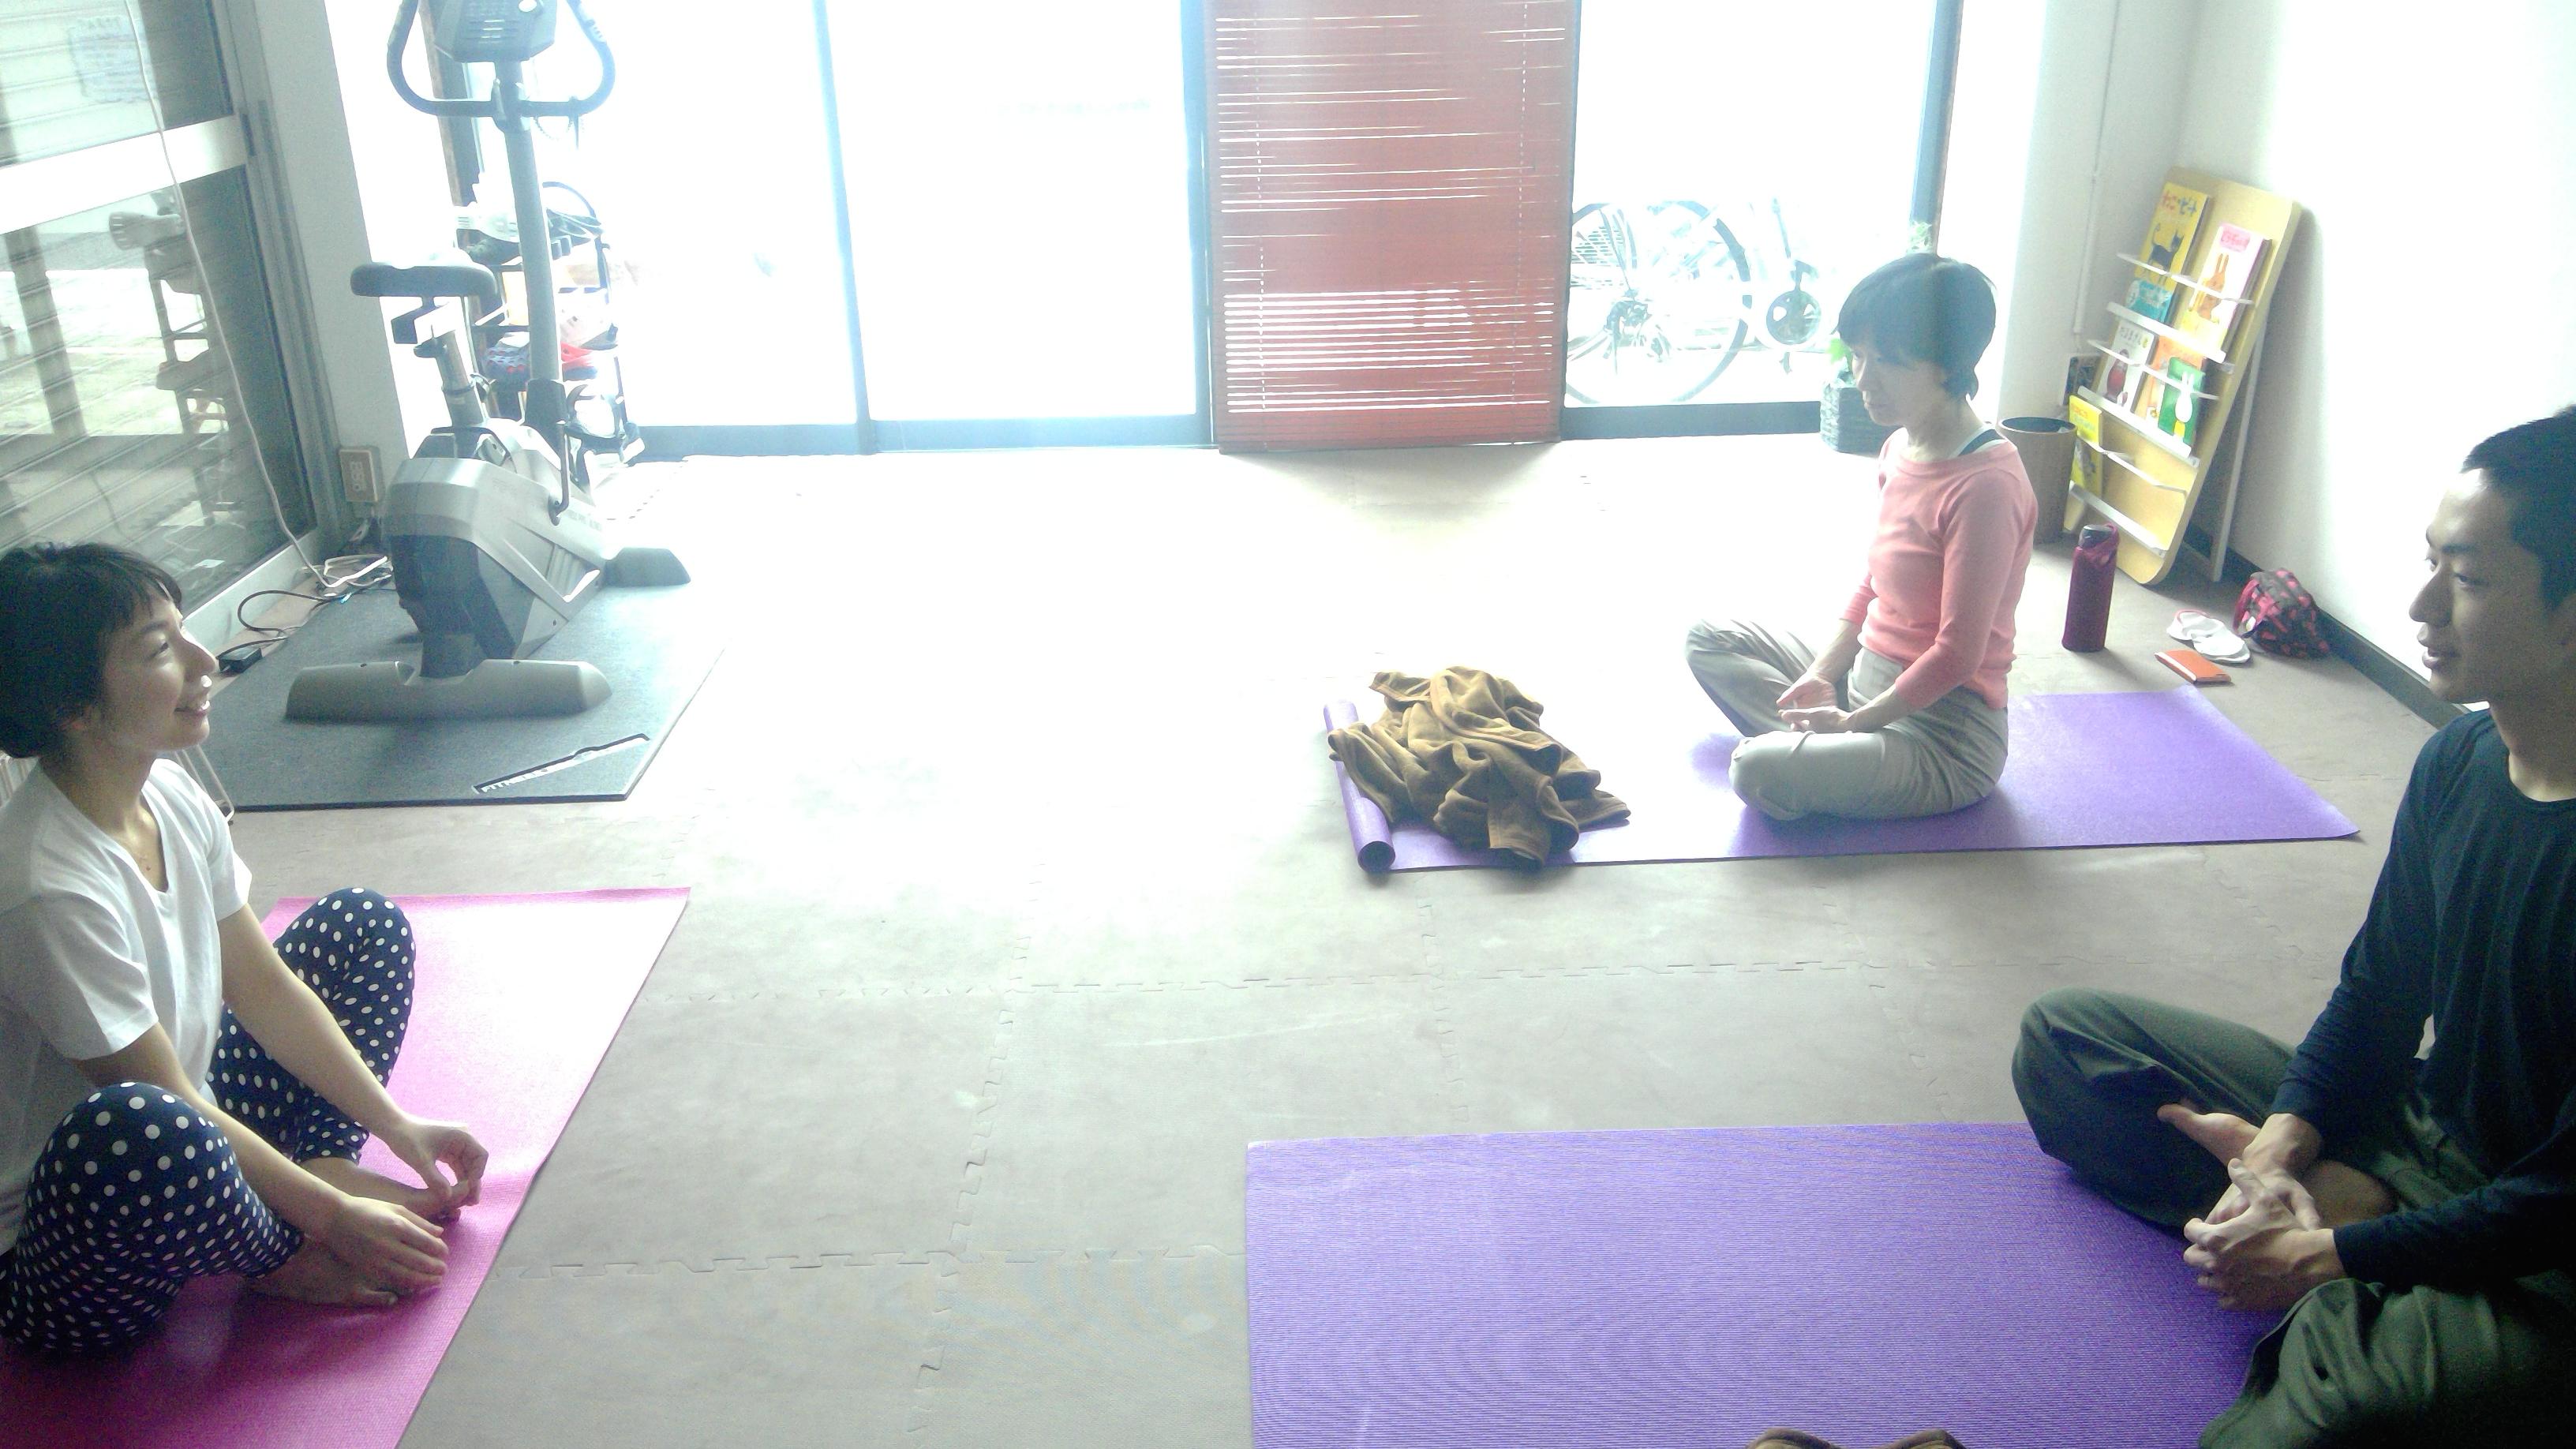 初回ヨガ!母の日感謝の瞑想、体幹がピンッ!